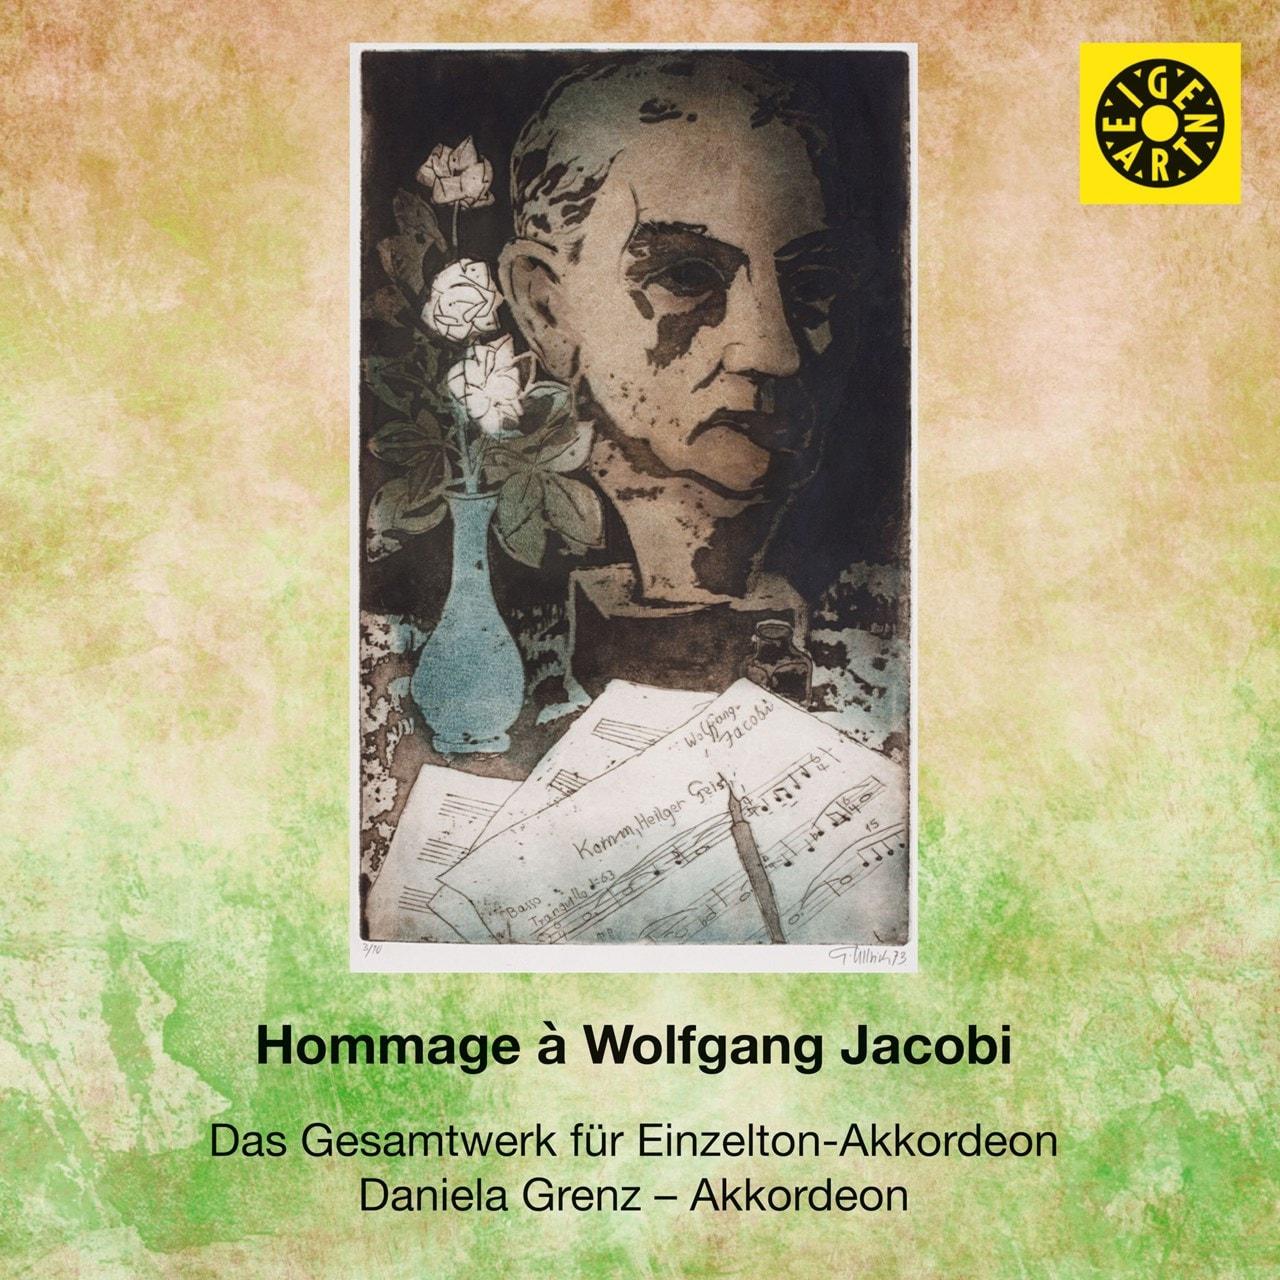 Hommage A Wolfgang Jacobi: Das Gesamtwerk Fur Einzelton-Akkordeon - 1